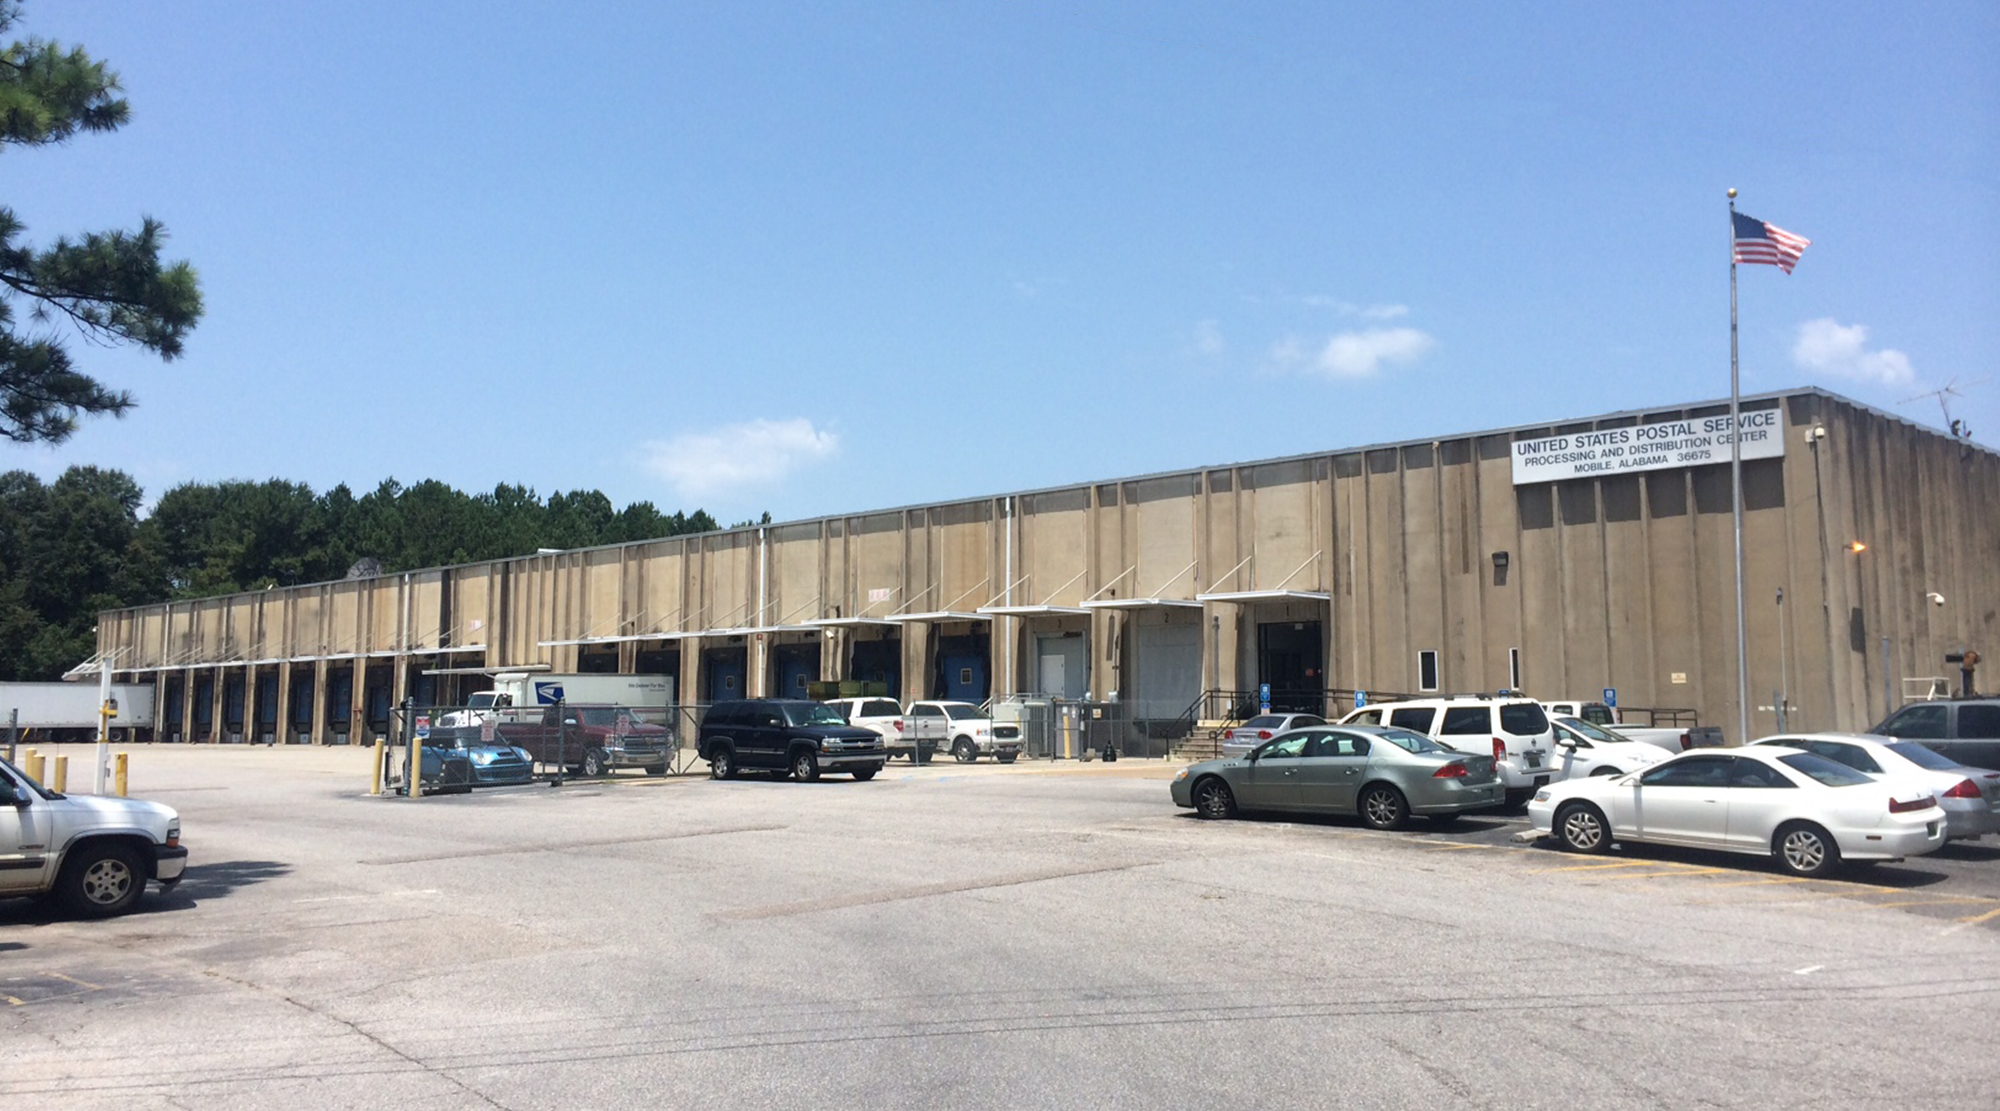 USPS Distribution Center